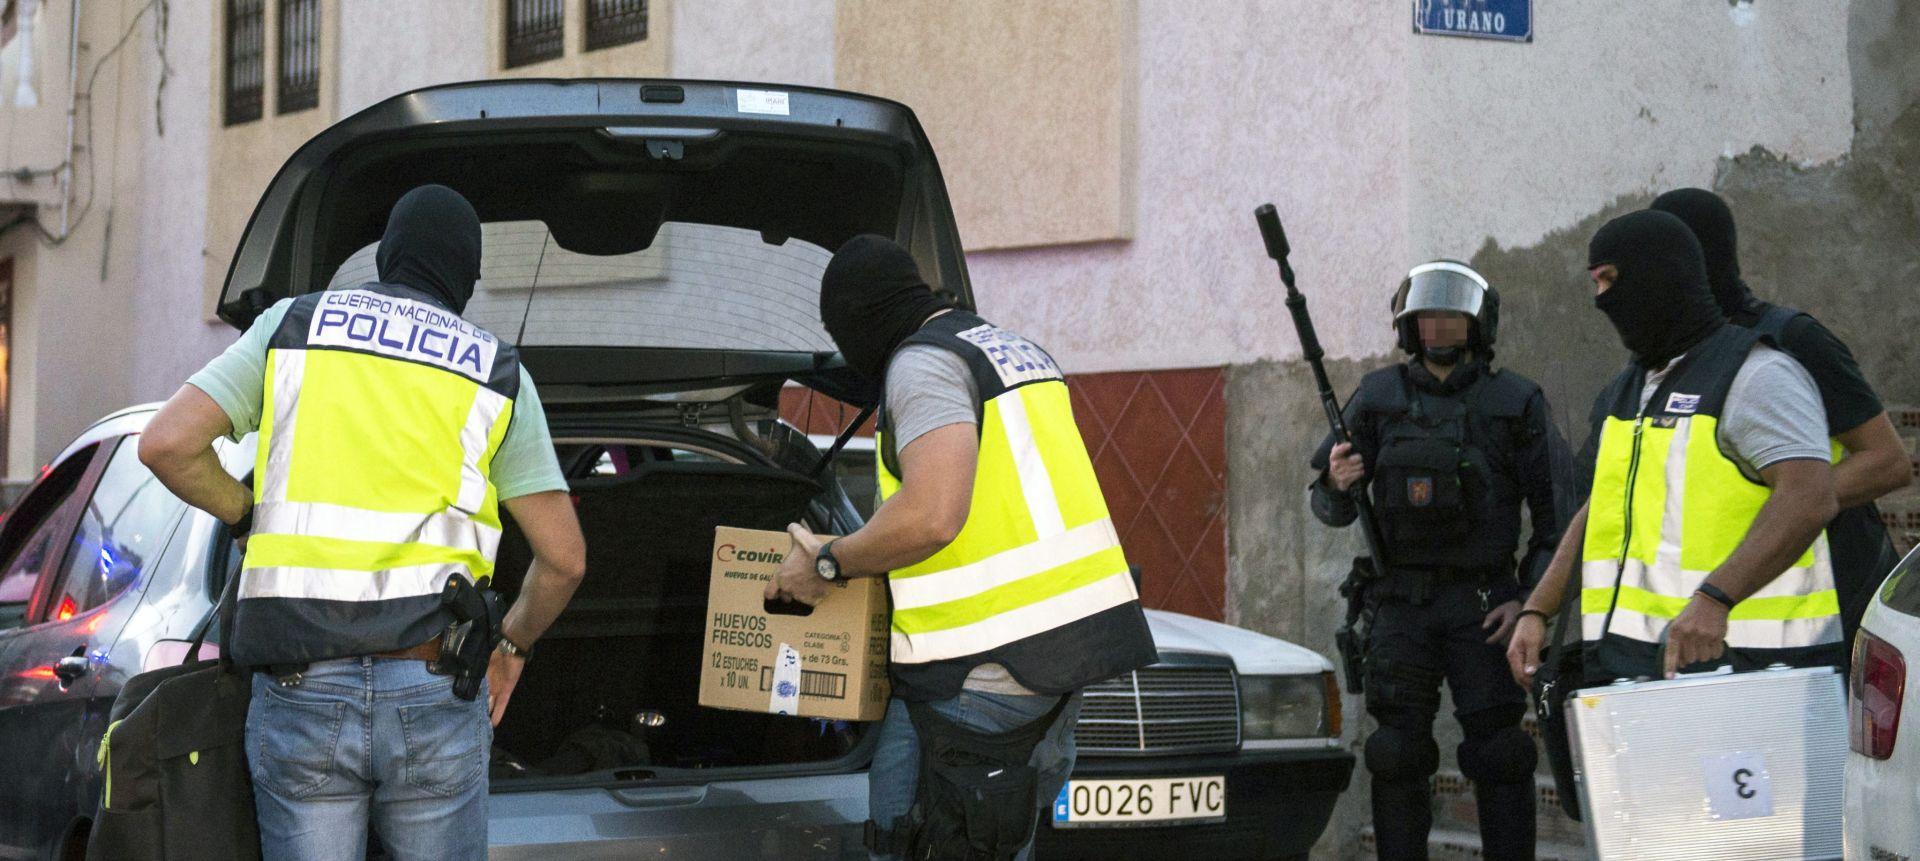 Zbog širenja džihadističke propagande u Europi uhićeno pet pristaša IS-a